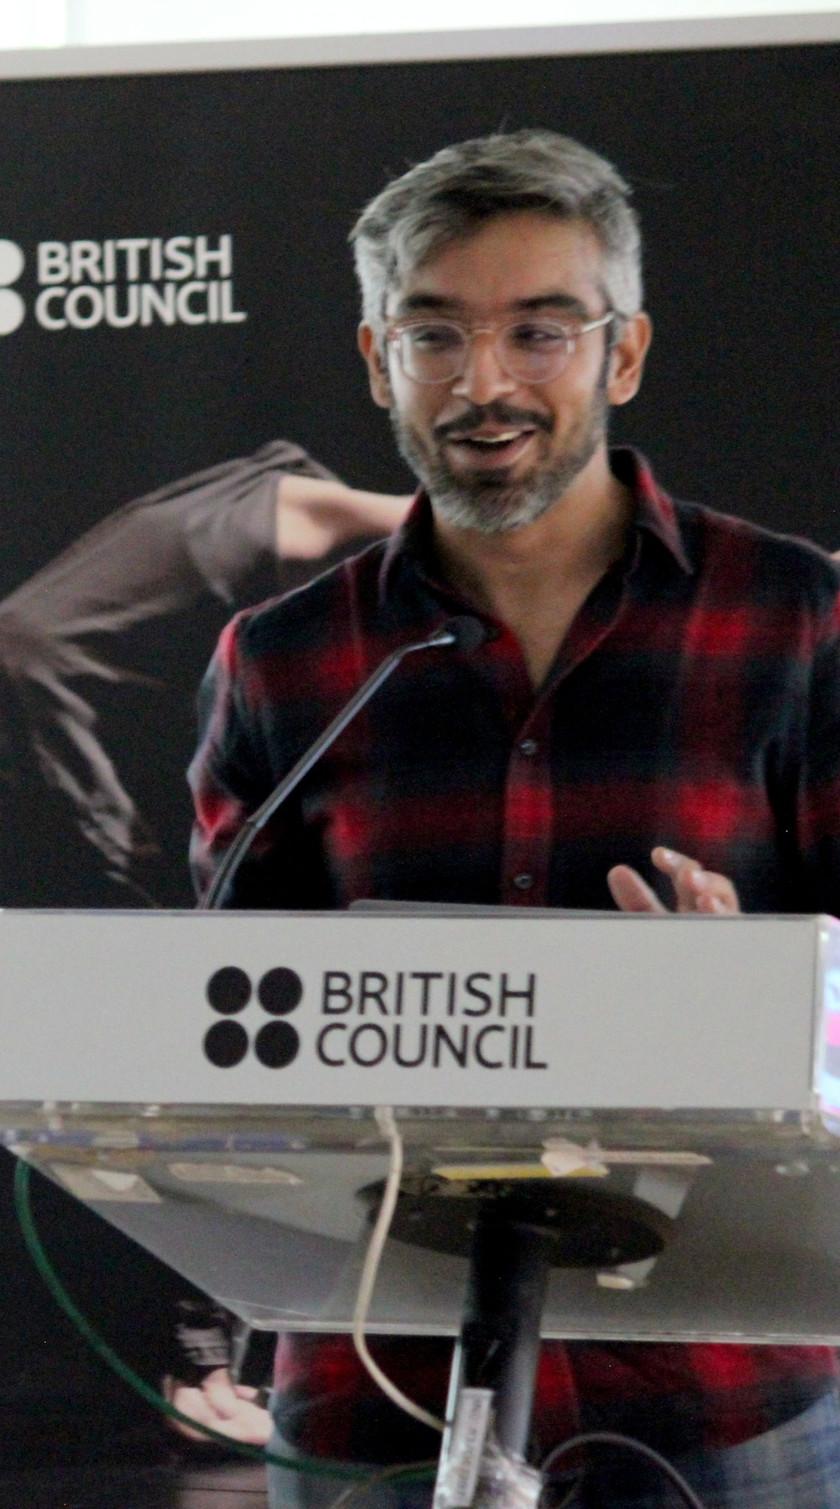 Abhishek Madan ACRI Bengaluru British Council